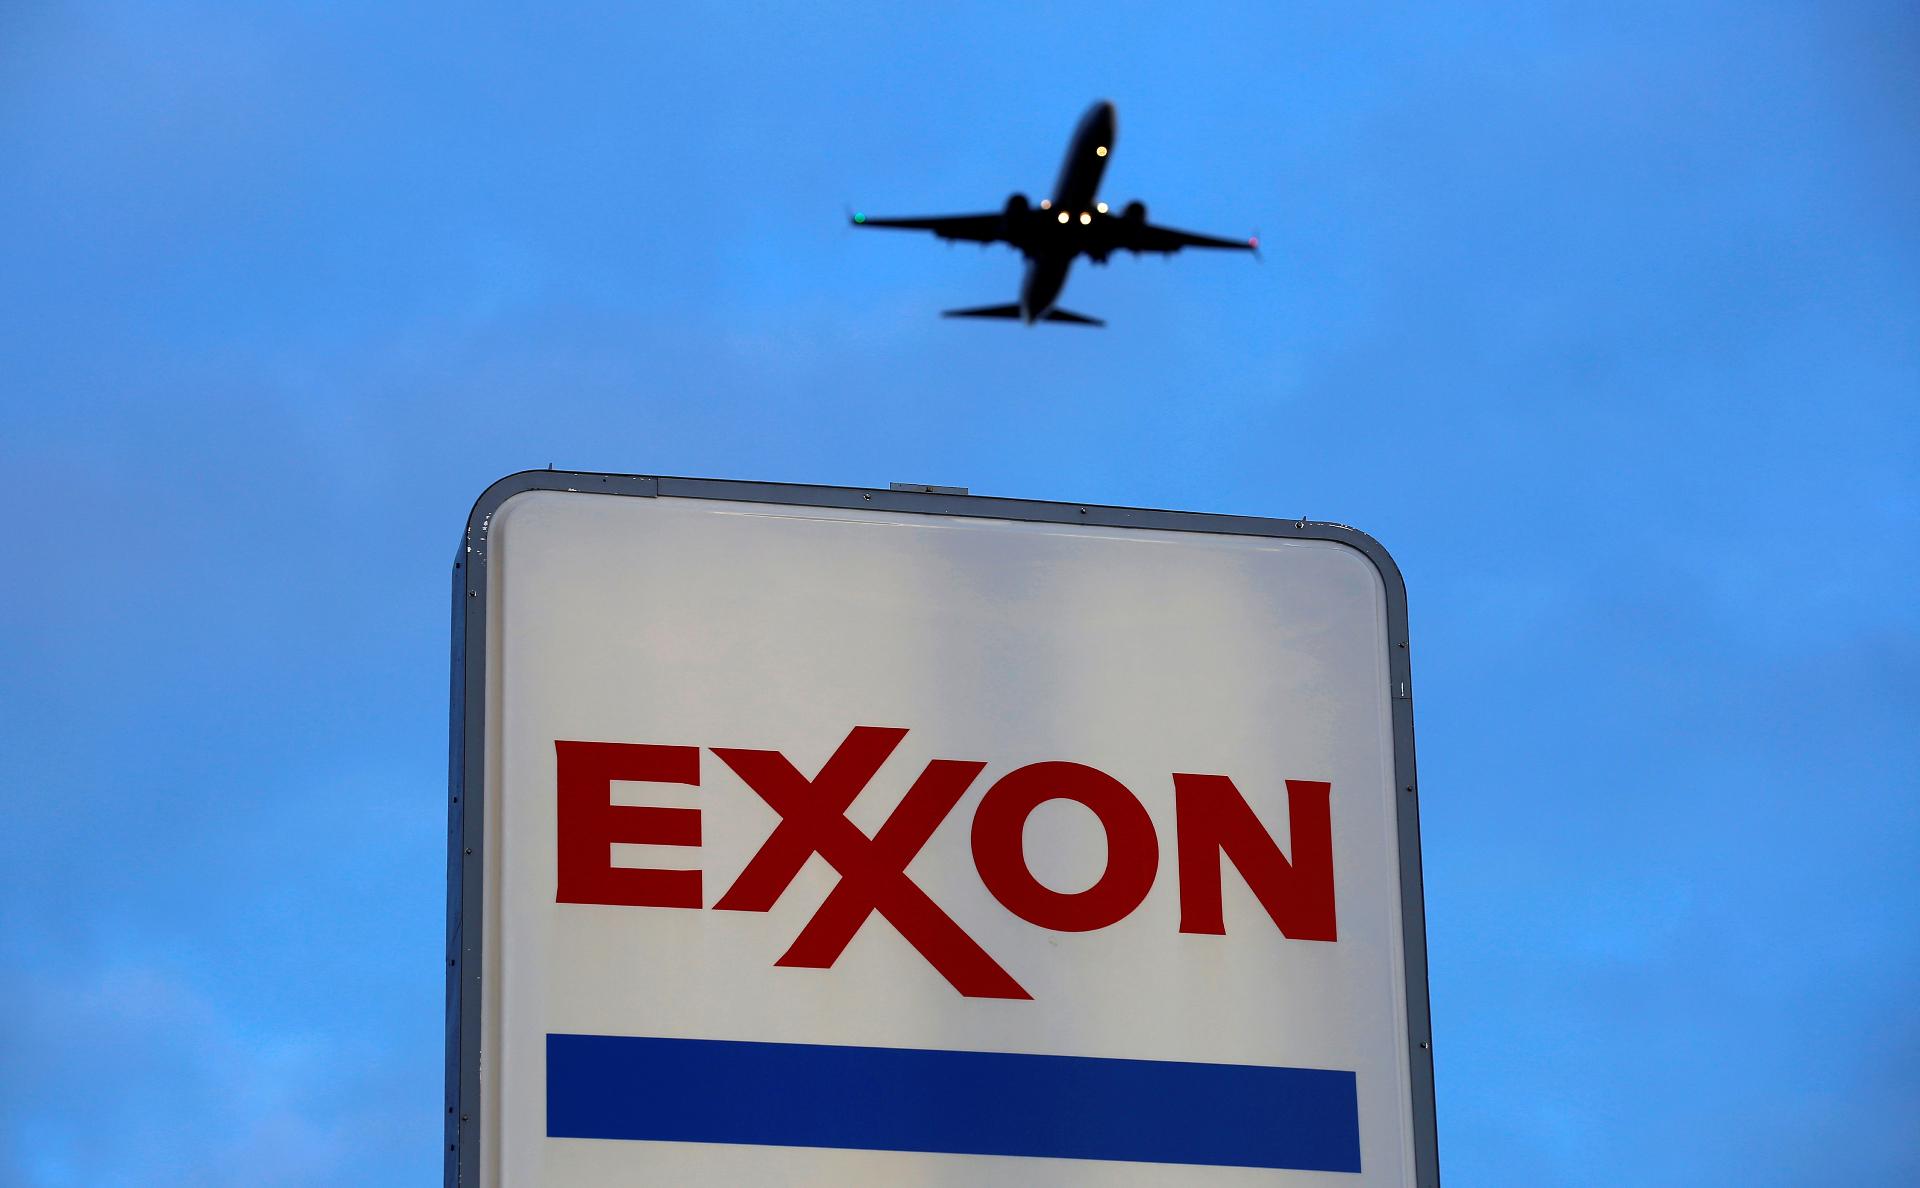 СМИ узнали о планах Exxon уйти из Северного моря после 50 лет работы photo